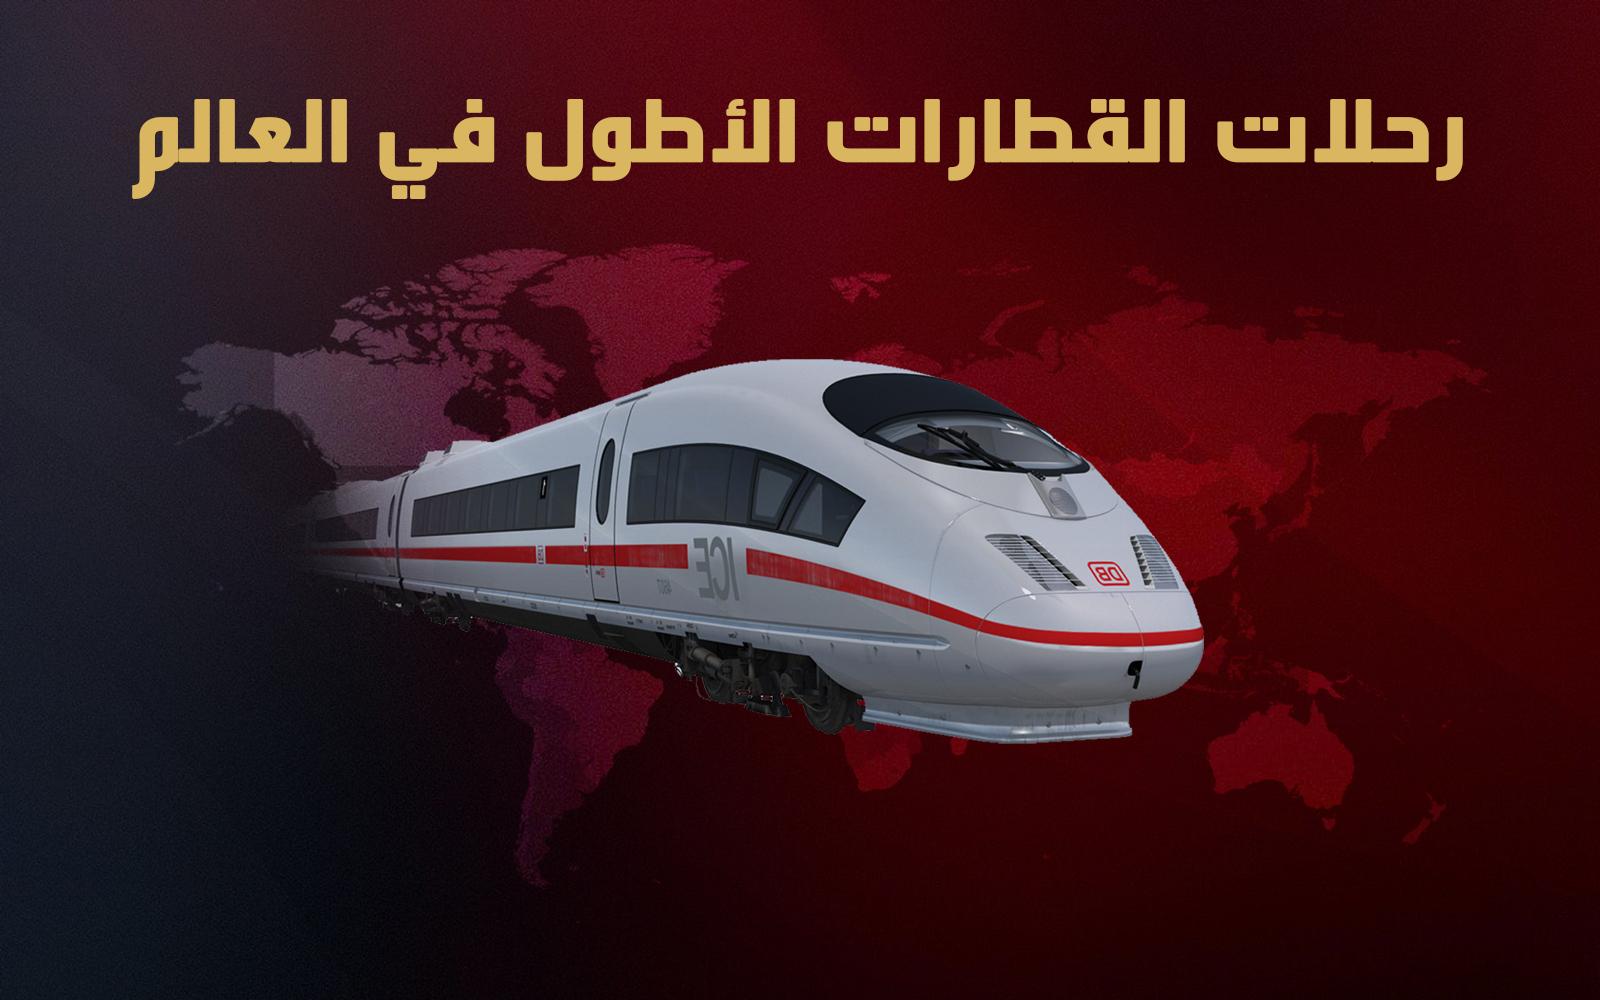 رحلات القطارات الأطول في العالم cover